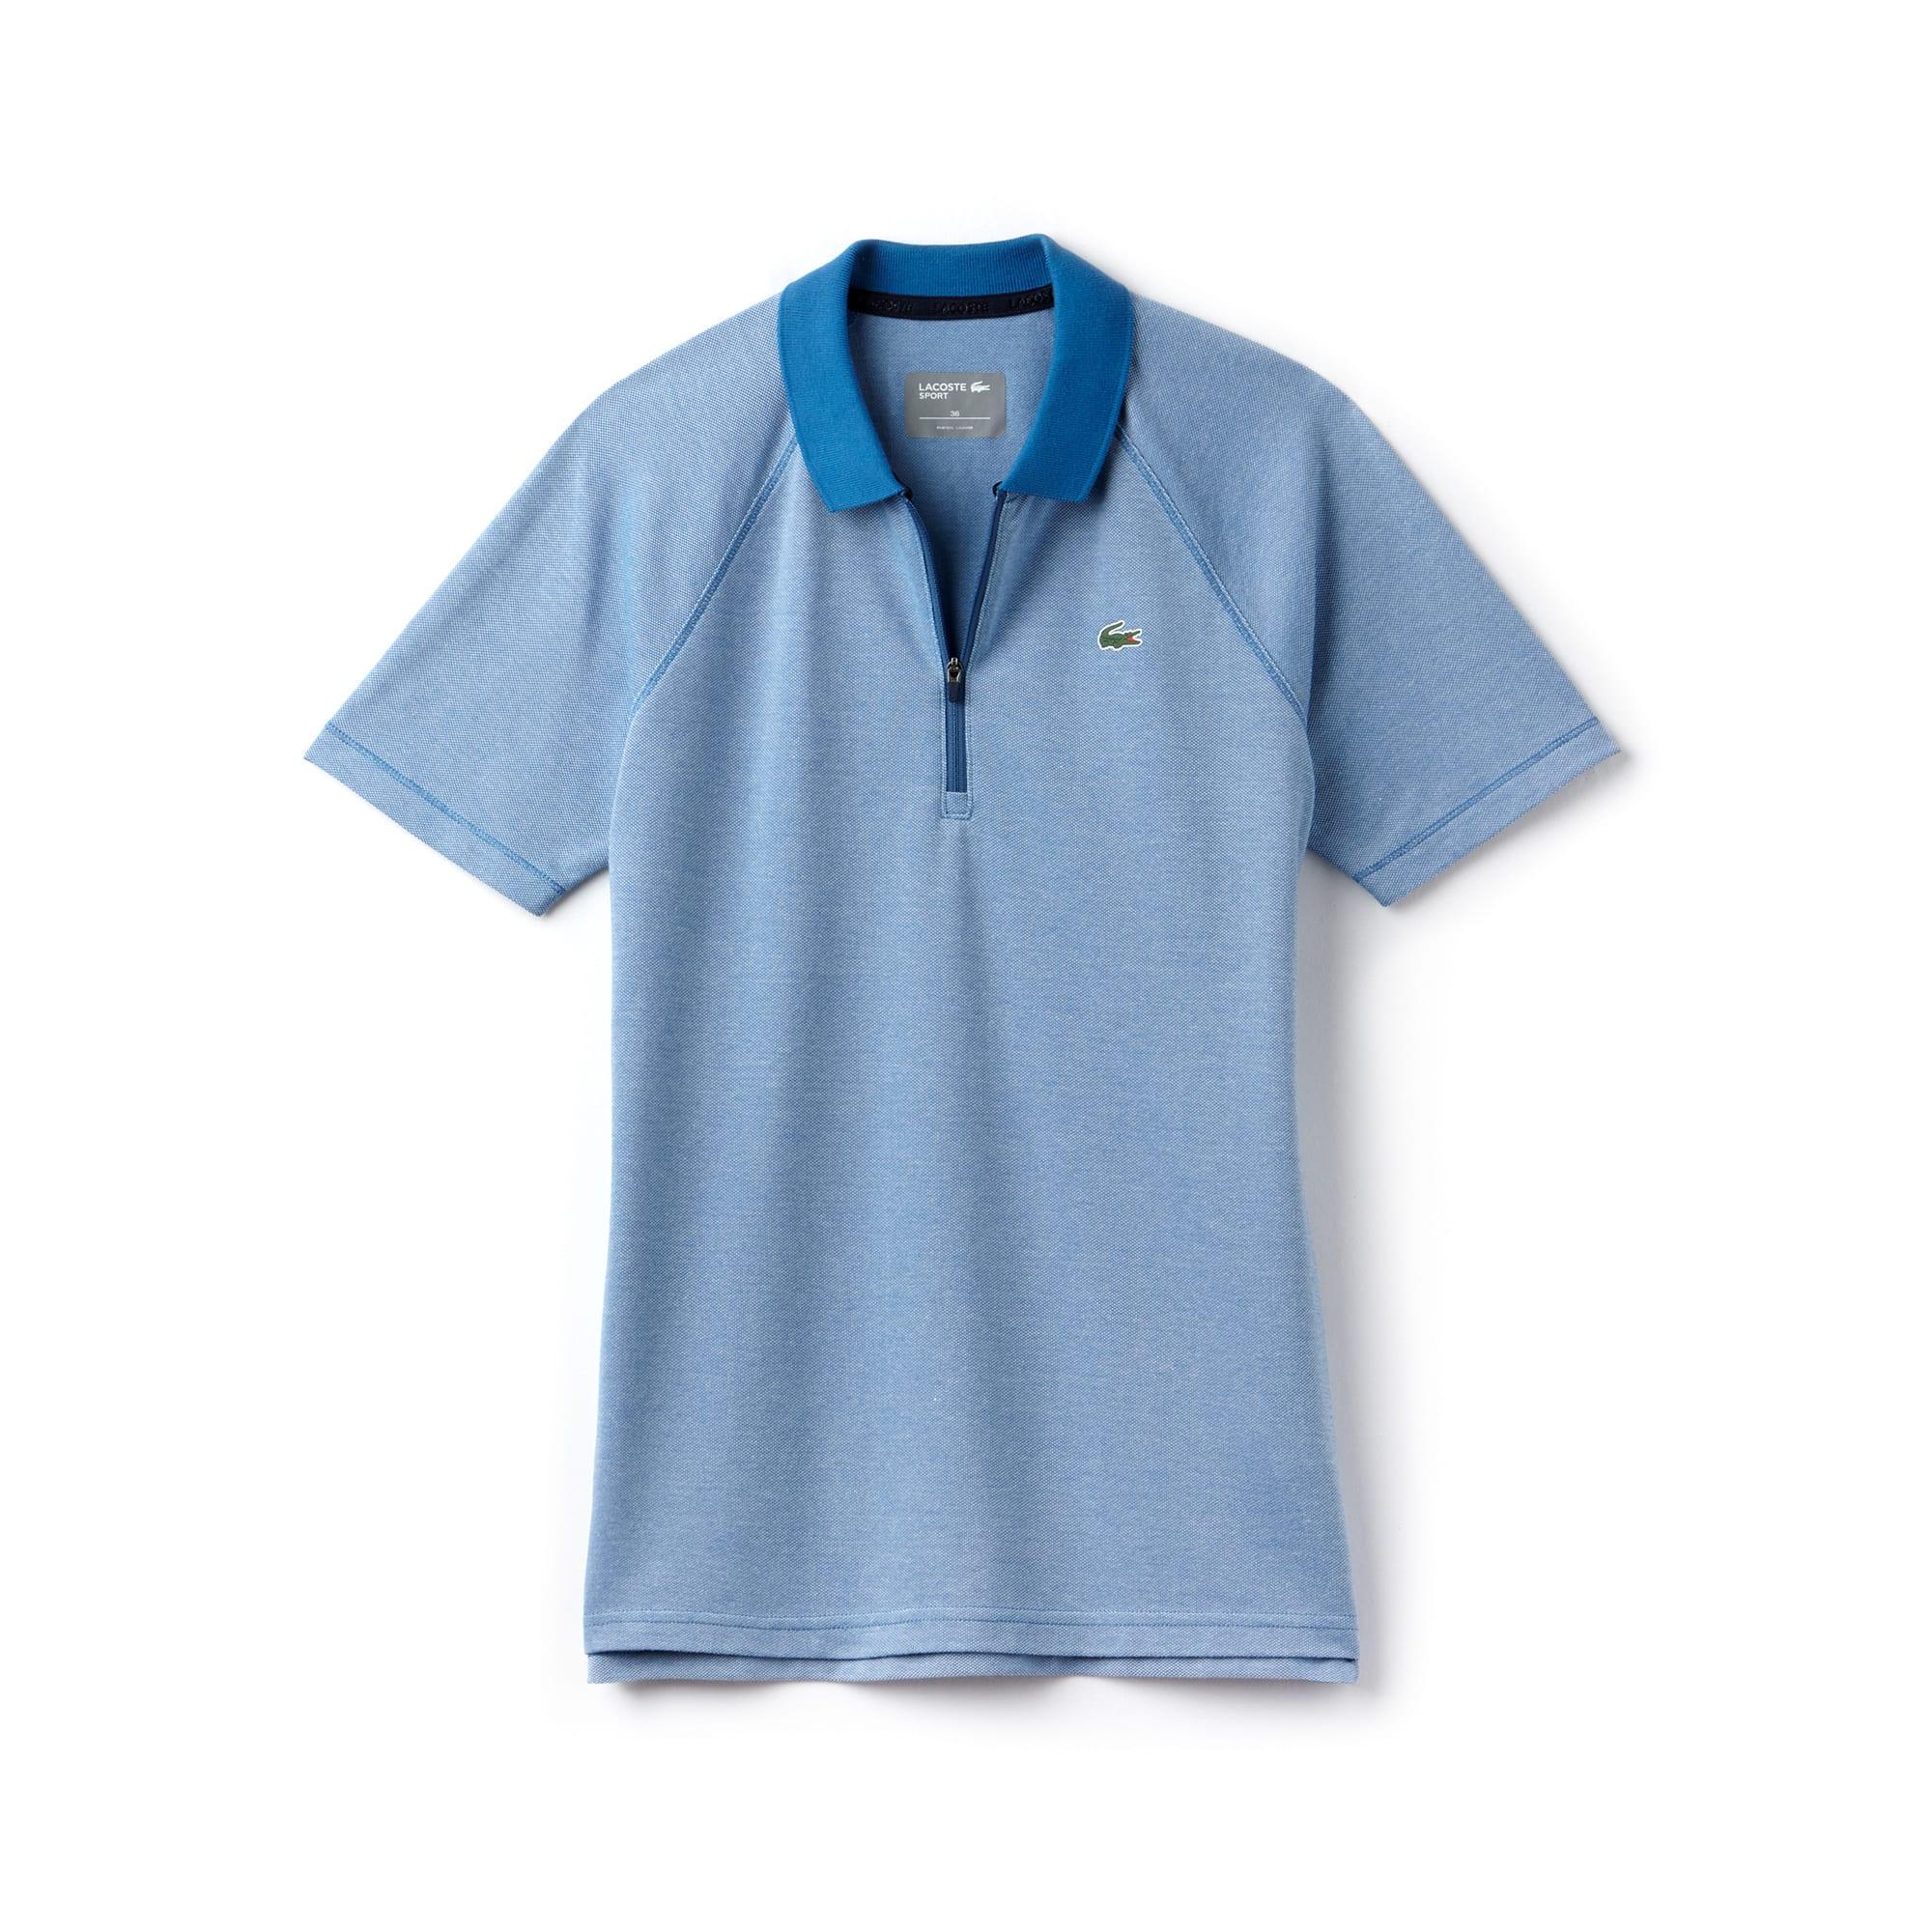 قميص البولو للغولف النسائي من لاكوست سبورت يتميز برقبة لها سحّاب وبخامة جيرسي